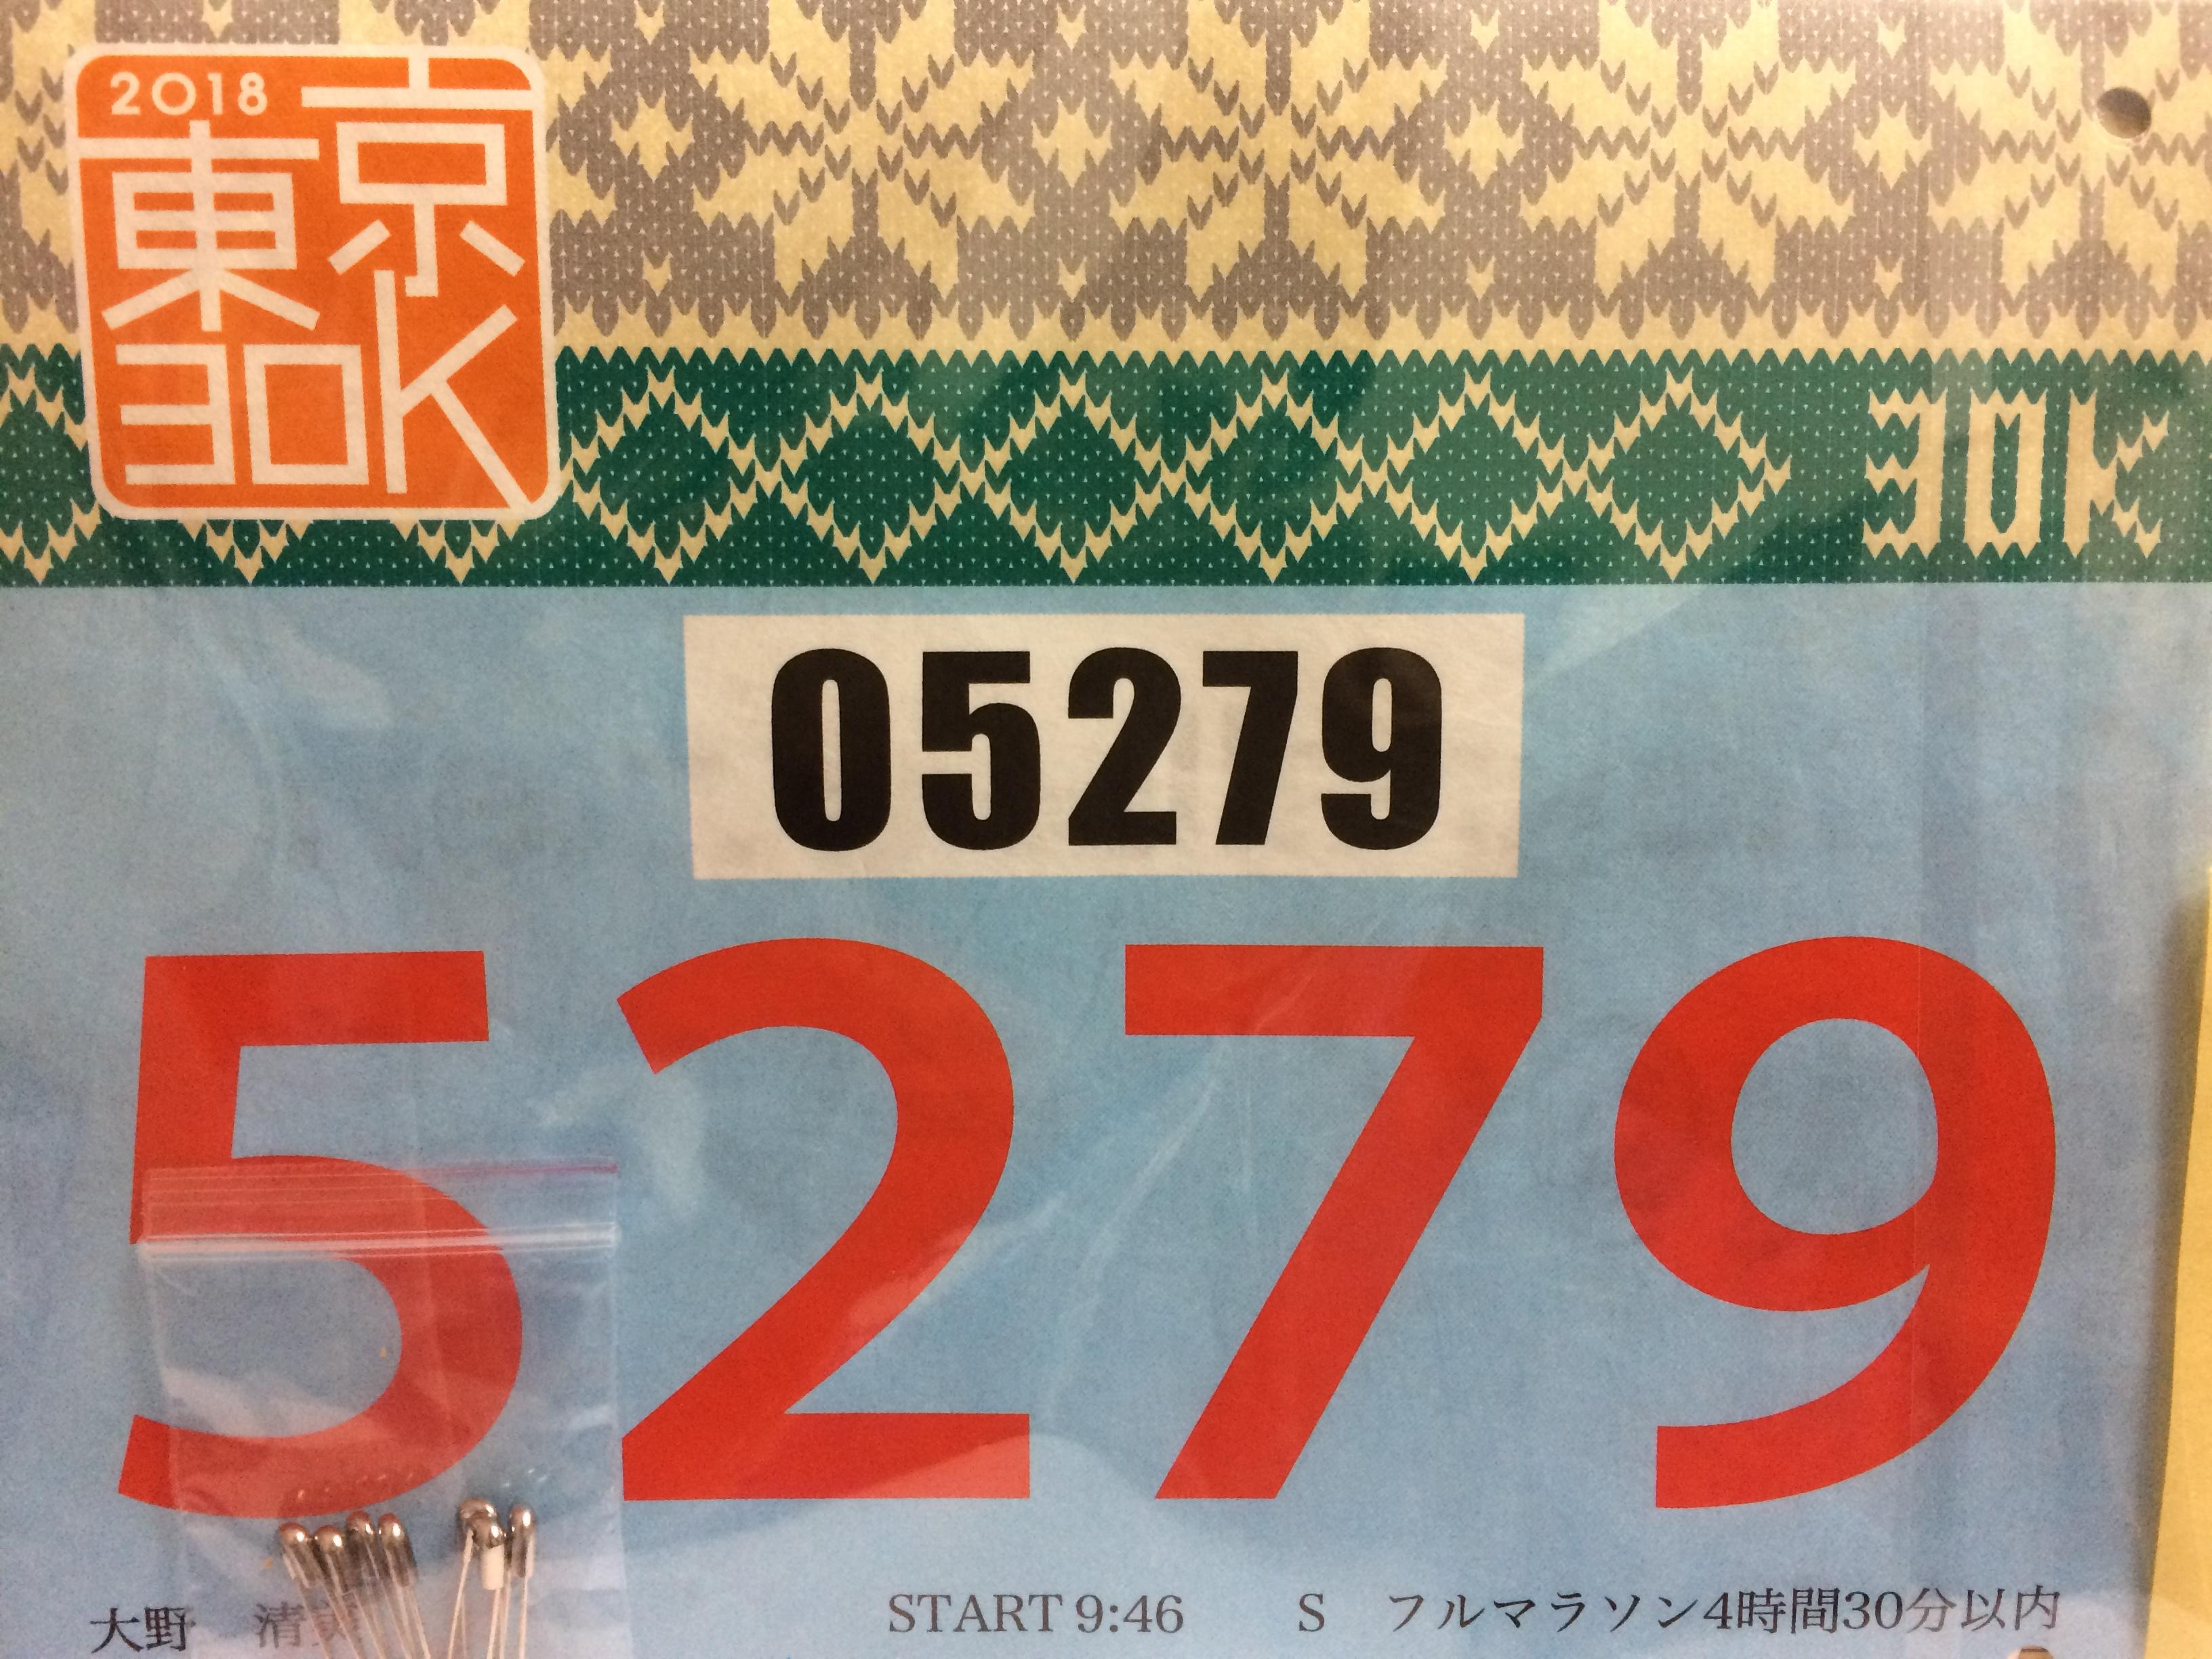 東京30K 1週間前の20キロラン 最初はイヤイヤ走りはじめたけど何とか走りきった!